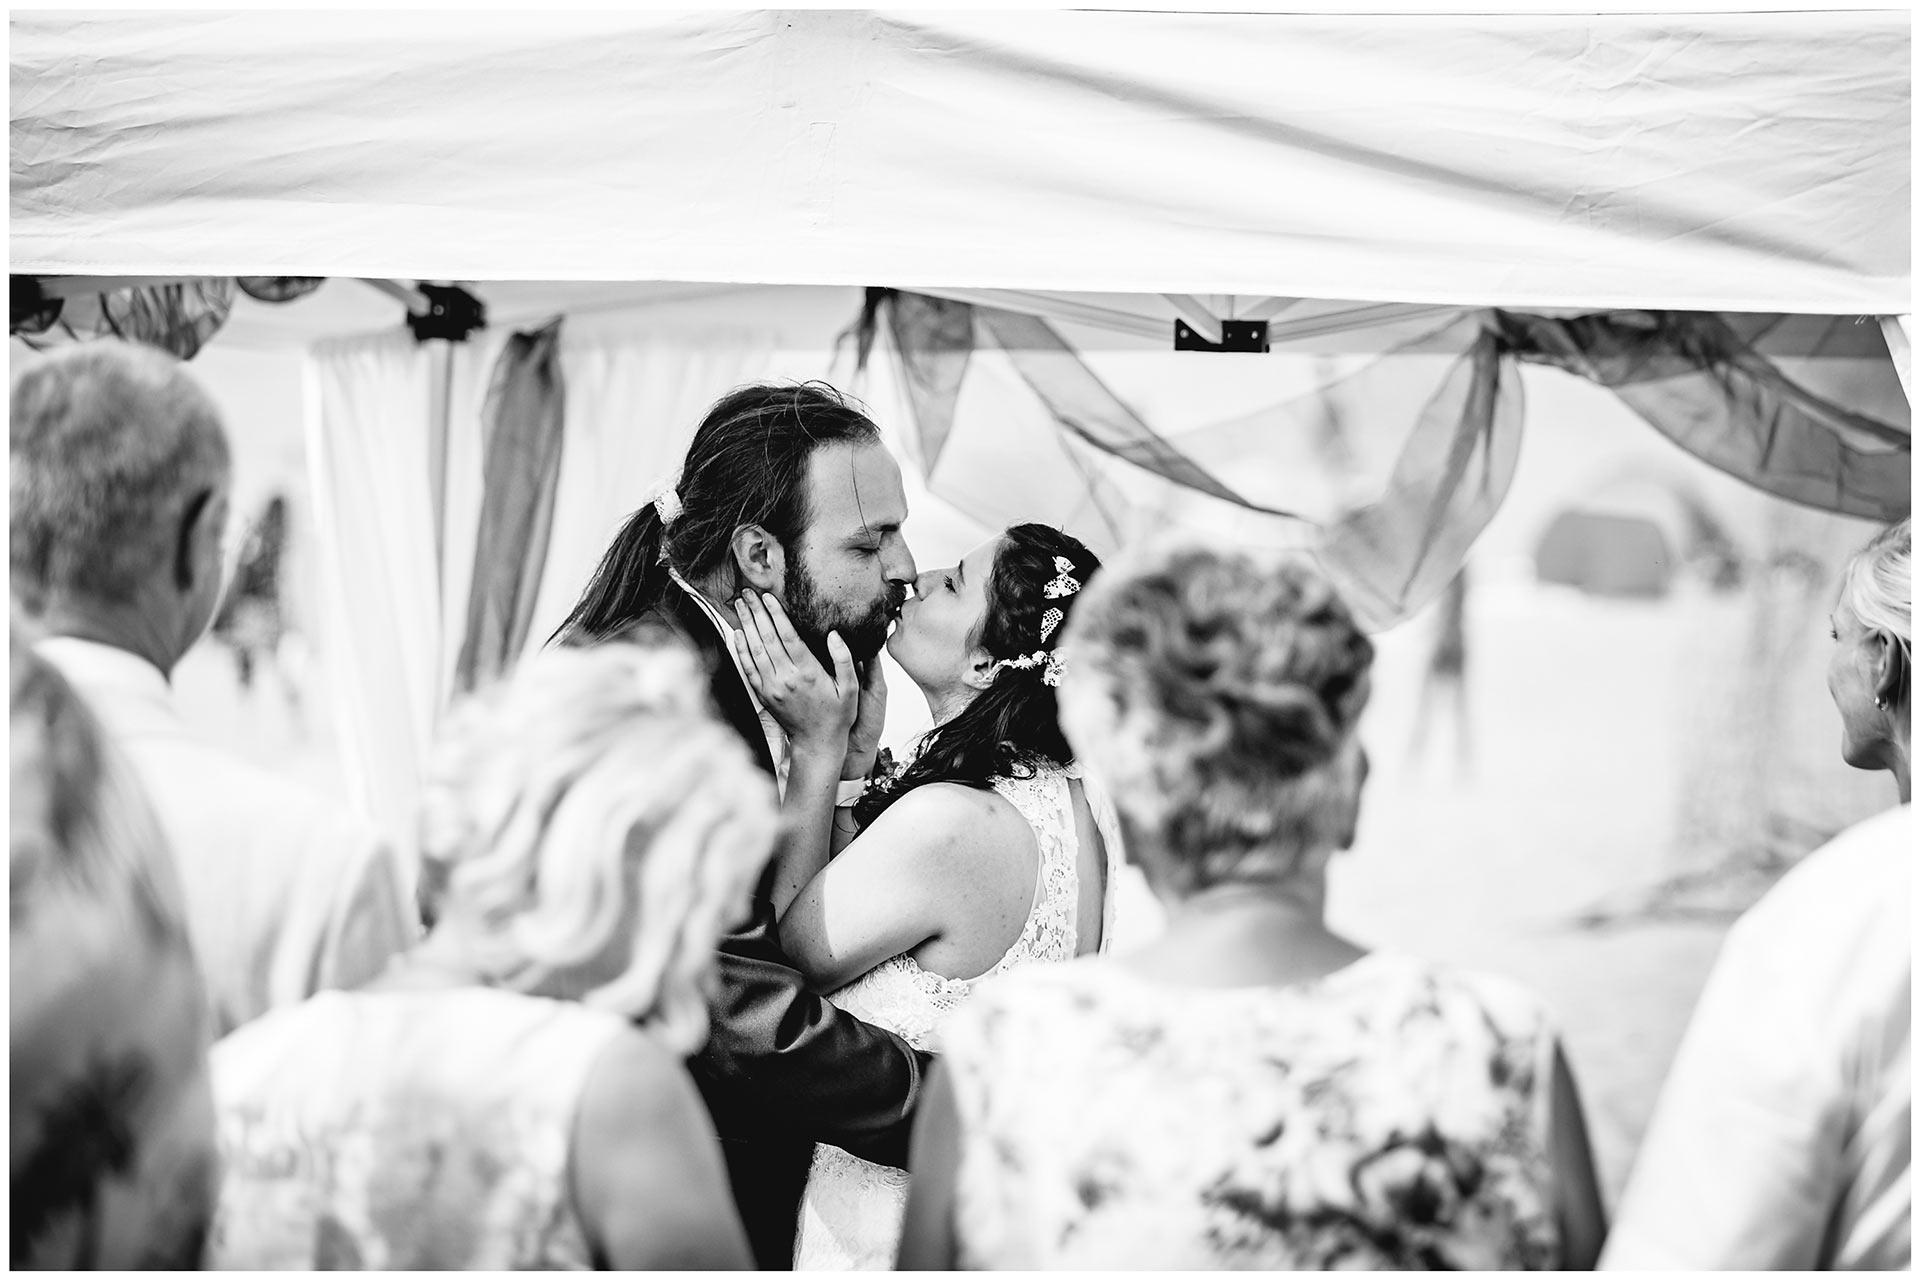 Hochzeitspaar-kuesst-sich-liebevoll-Hochzeit-am-Strand-Hochzeitsfotograf-Warnemuende-Hochzeitsfotograf-Rostock-Hochzeitsfotograf-Ostseebad-Warnemuende